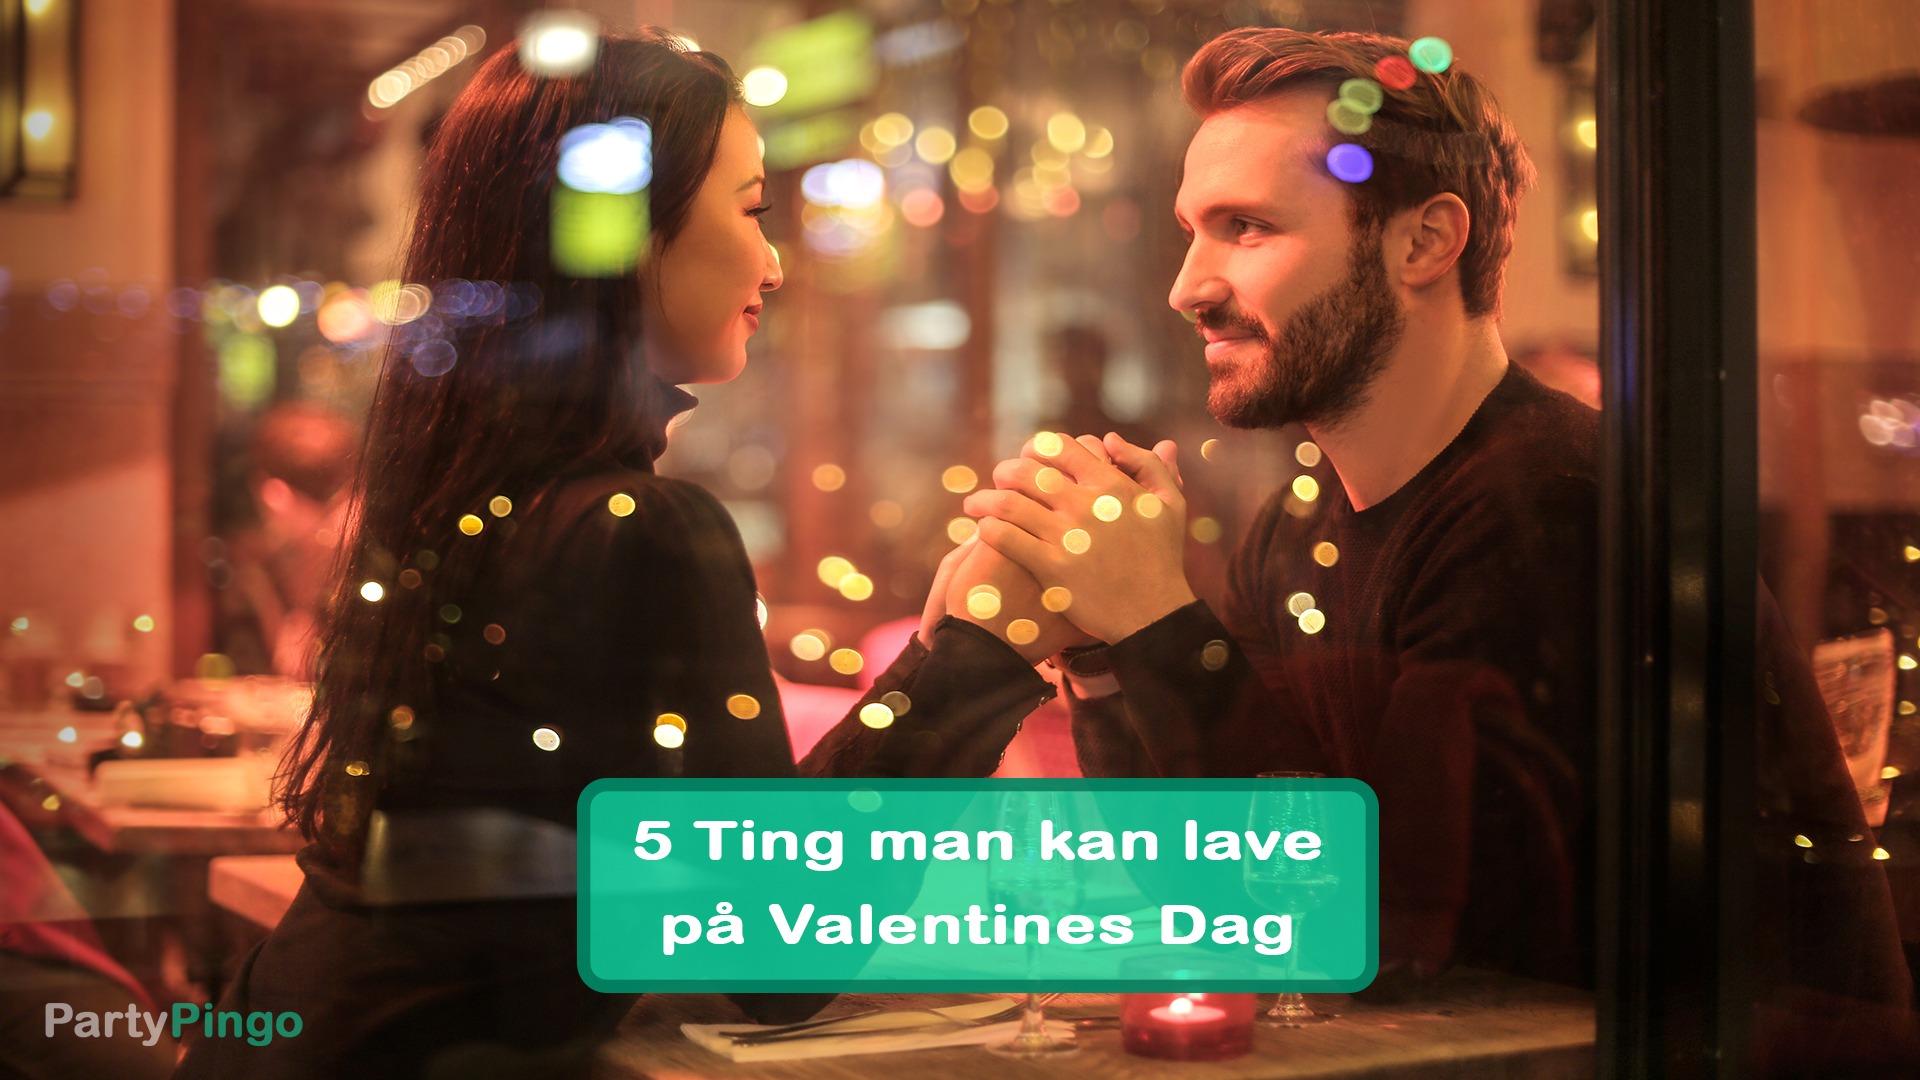 5 Ting man kan lave på Valentines Dag